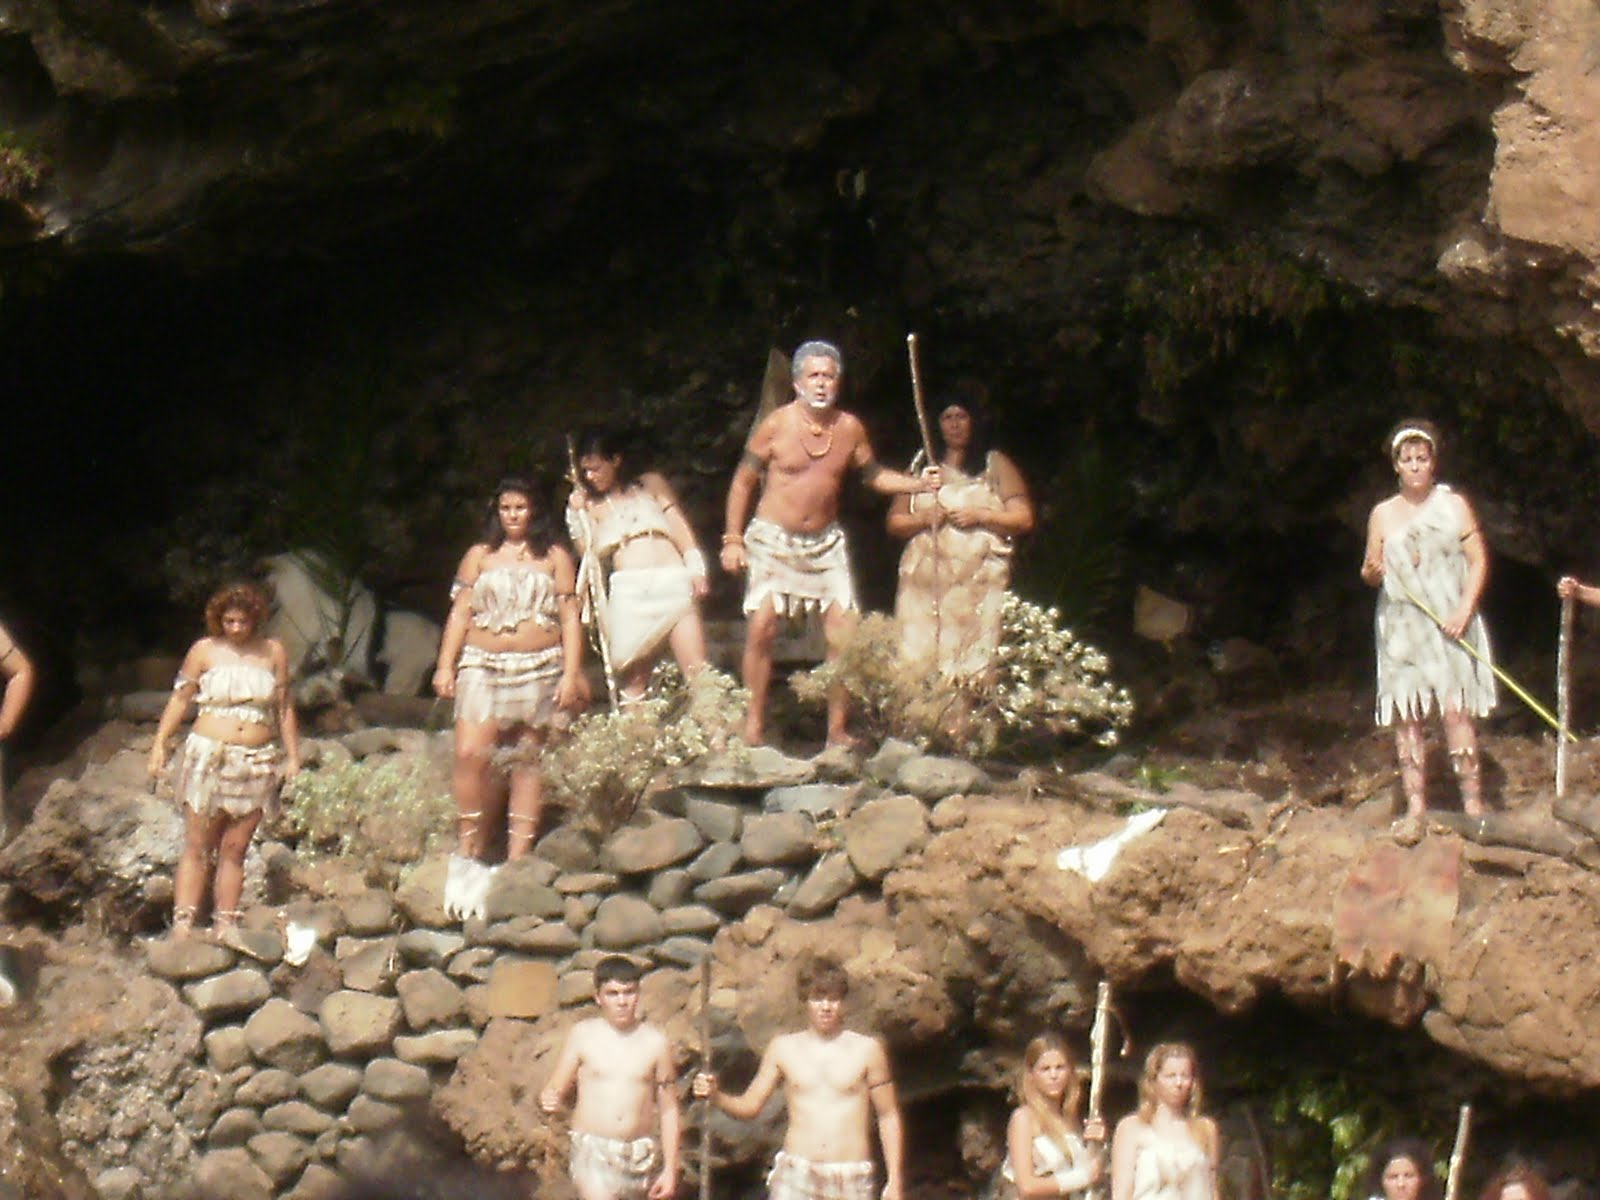 Fiestas l strales 2010 onom stica a la patrona de isla la morenita el blog del puerto - Casas rurales la morenita ...